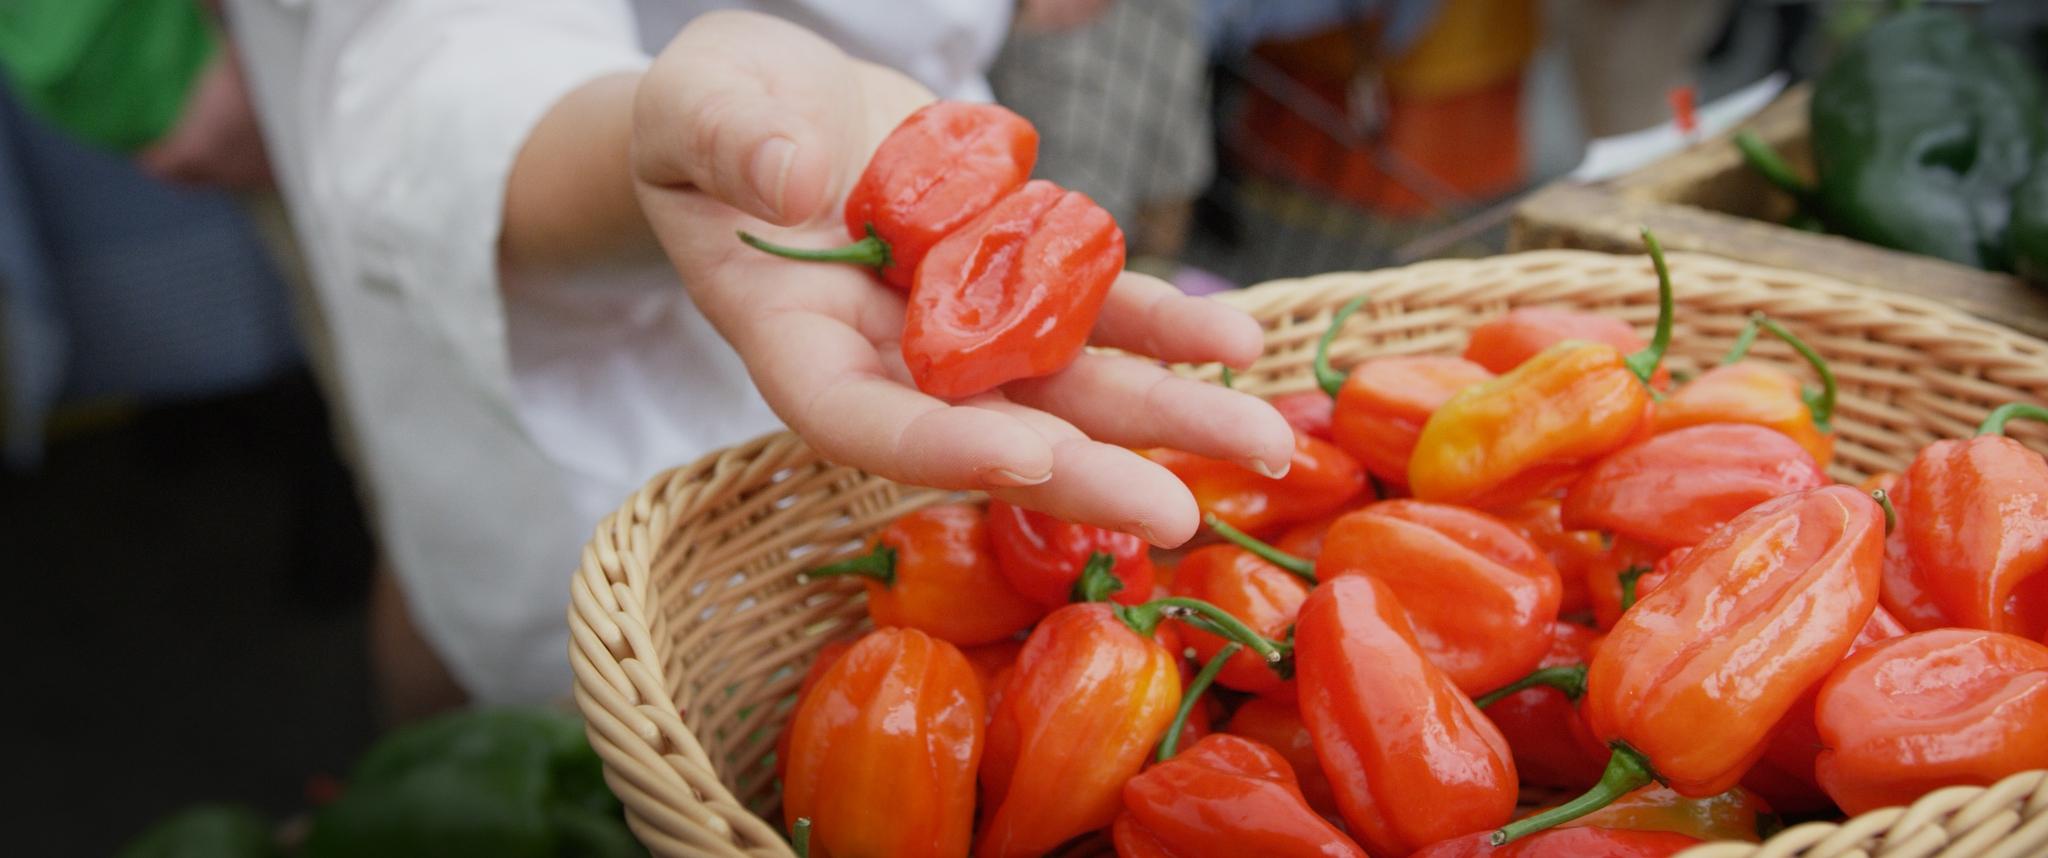 peppers_3.9.1.jpg